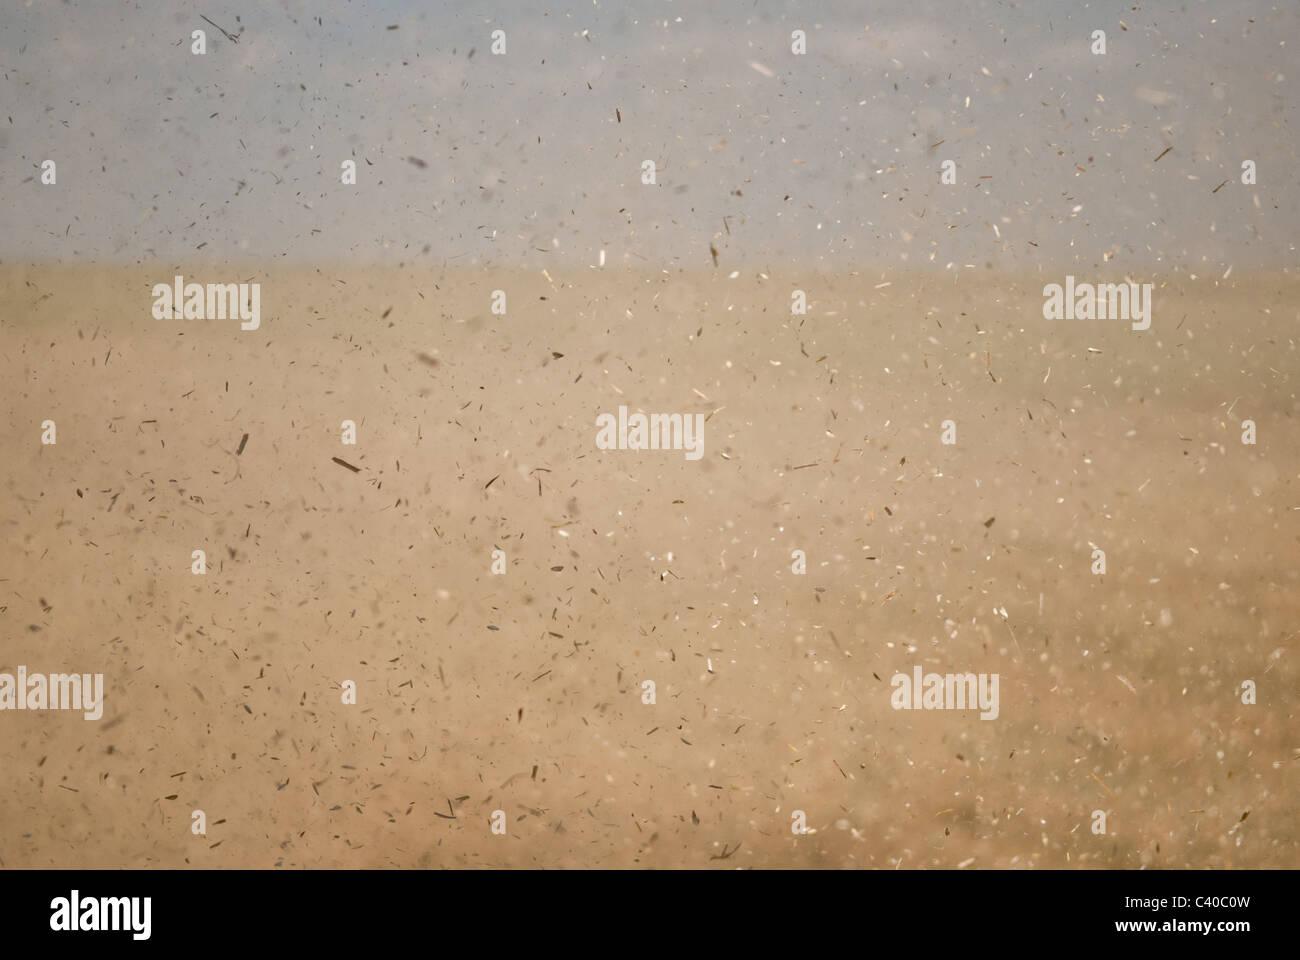 Staubpartikel, in die Luft geworfen, durch eine Ernte kombinieren. Stockbild